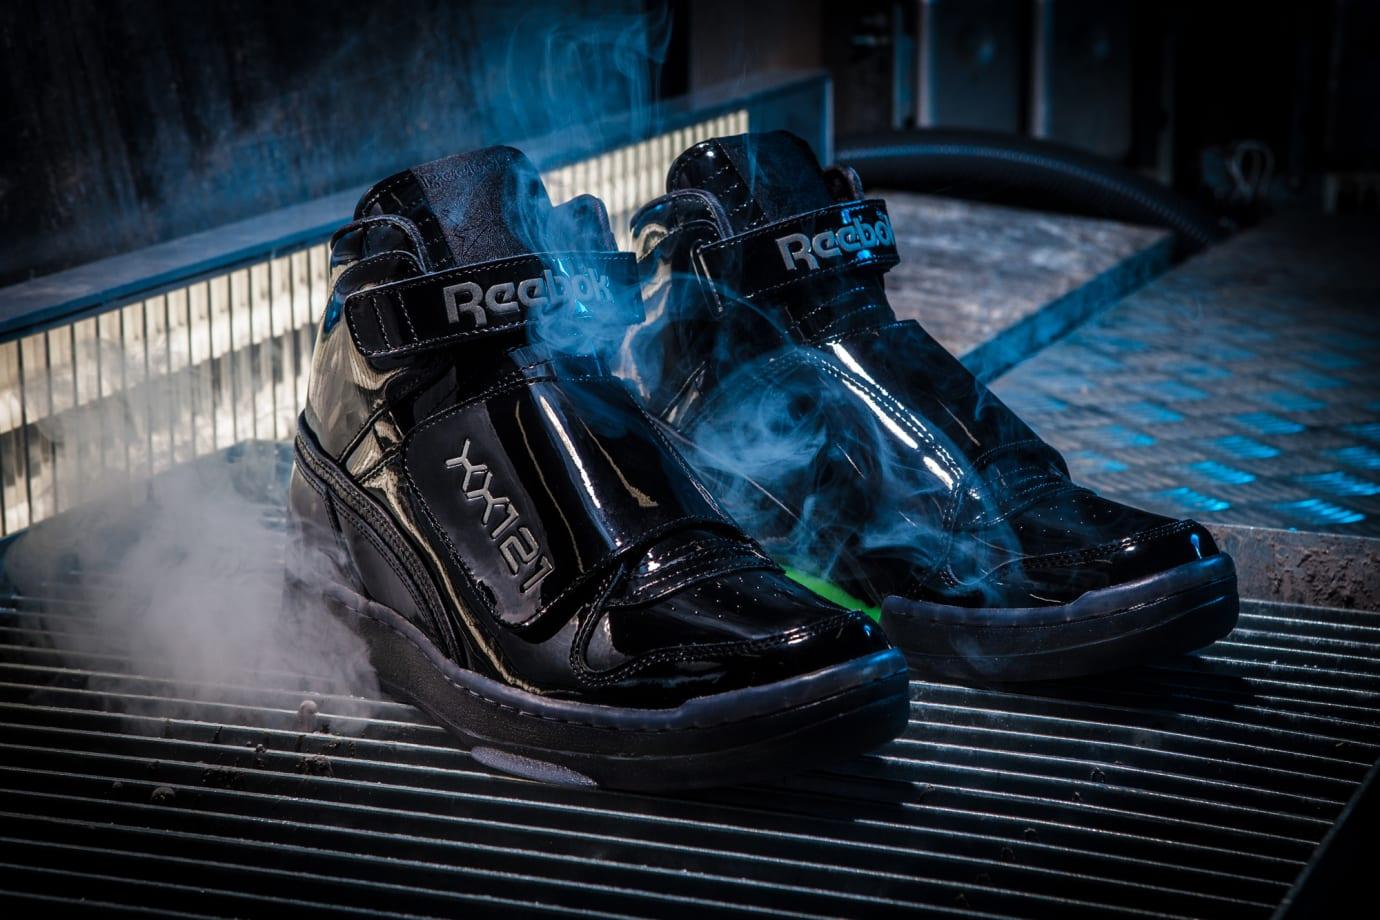 7bbee66de9f1 Image via Reebok Reebok Alien Stomper Final Battle Sneakers 10